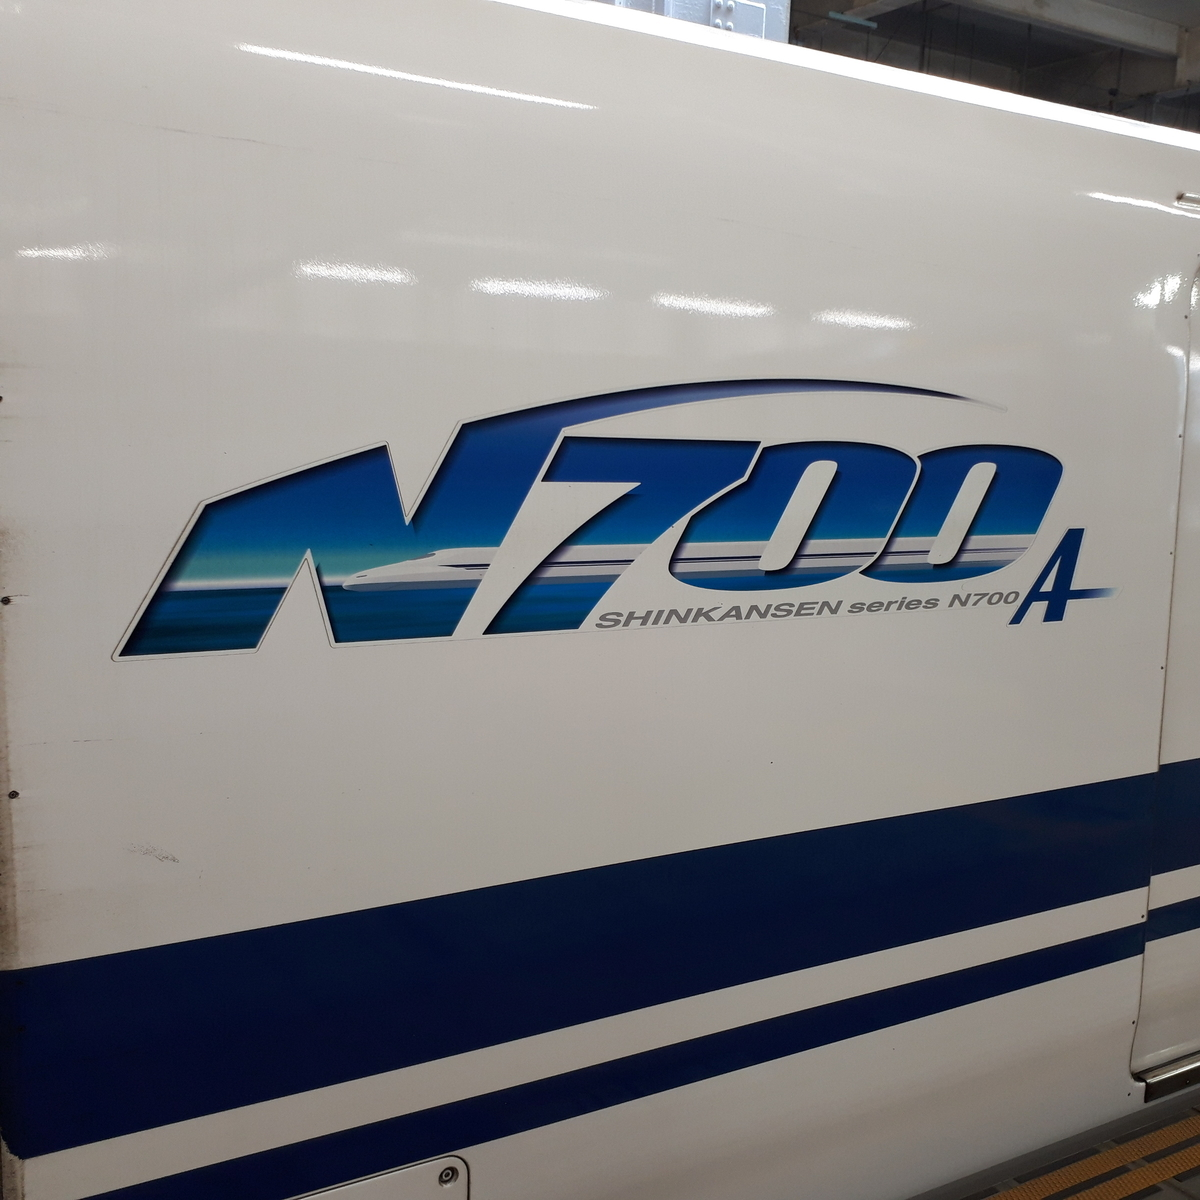 新幹線N700系 ロゴ